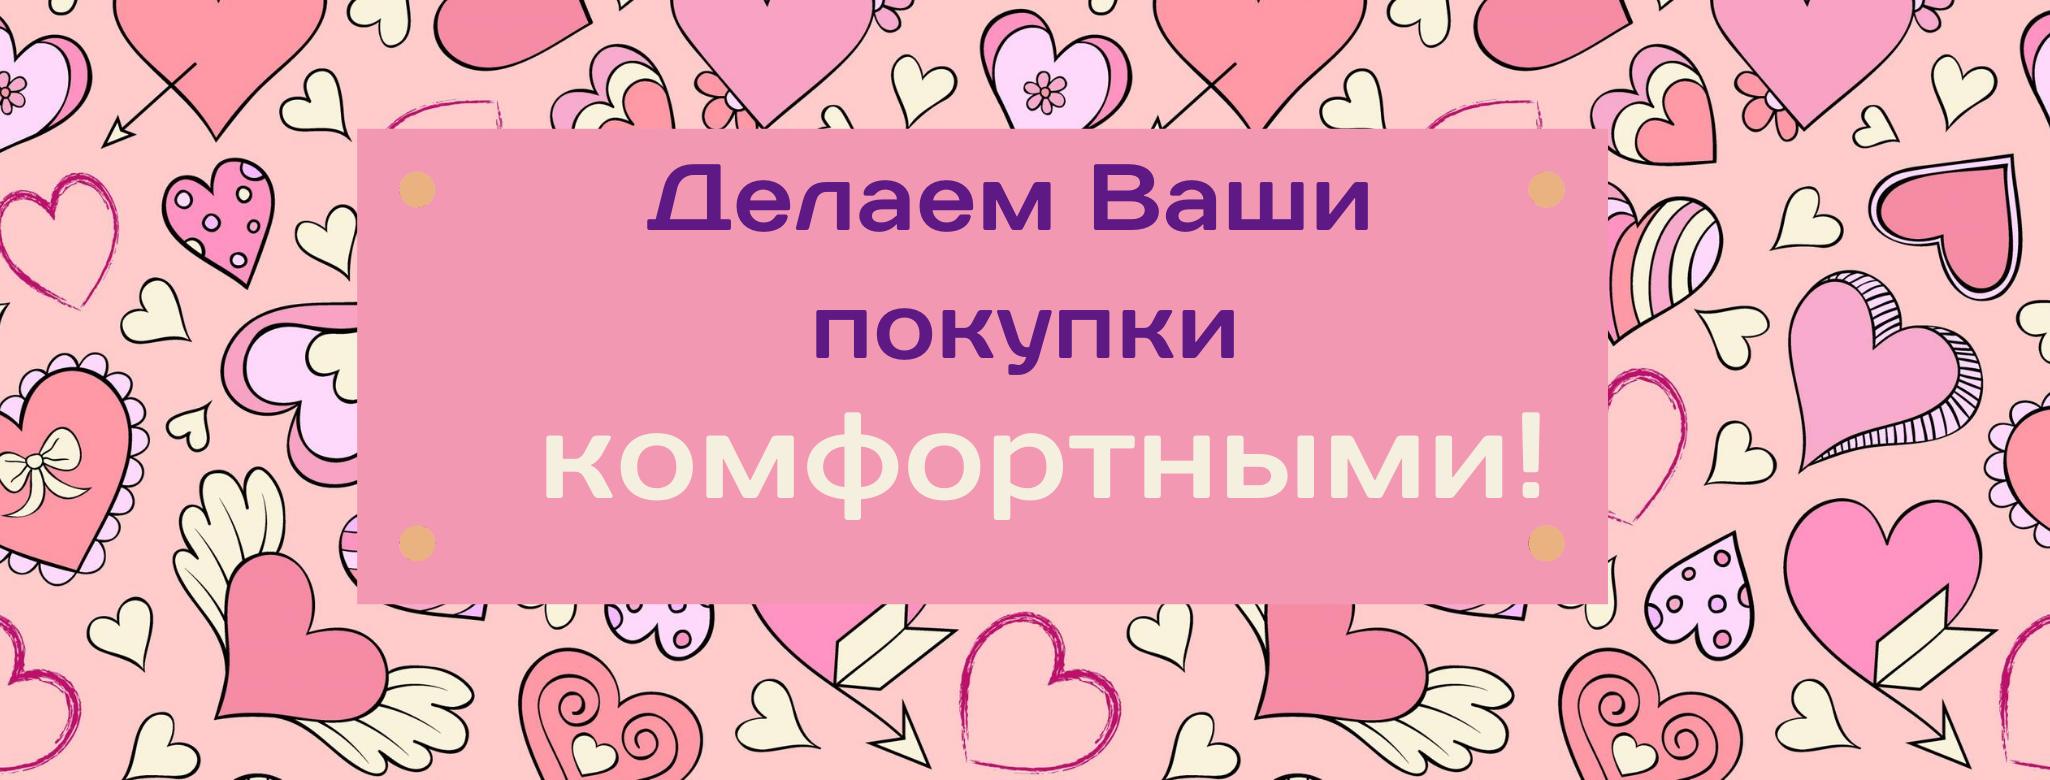 Красногорск - Для Двоих 18+